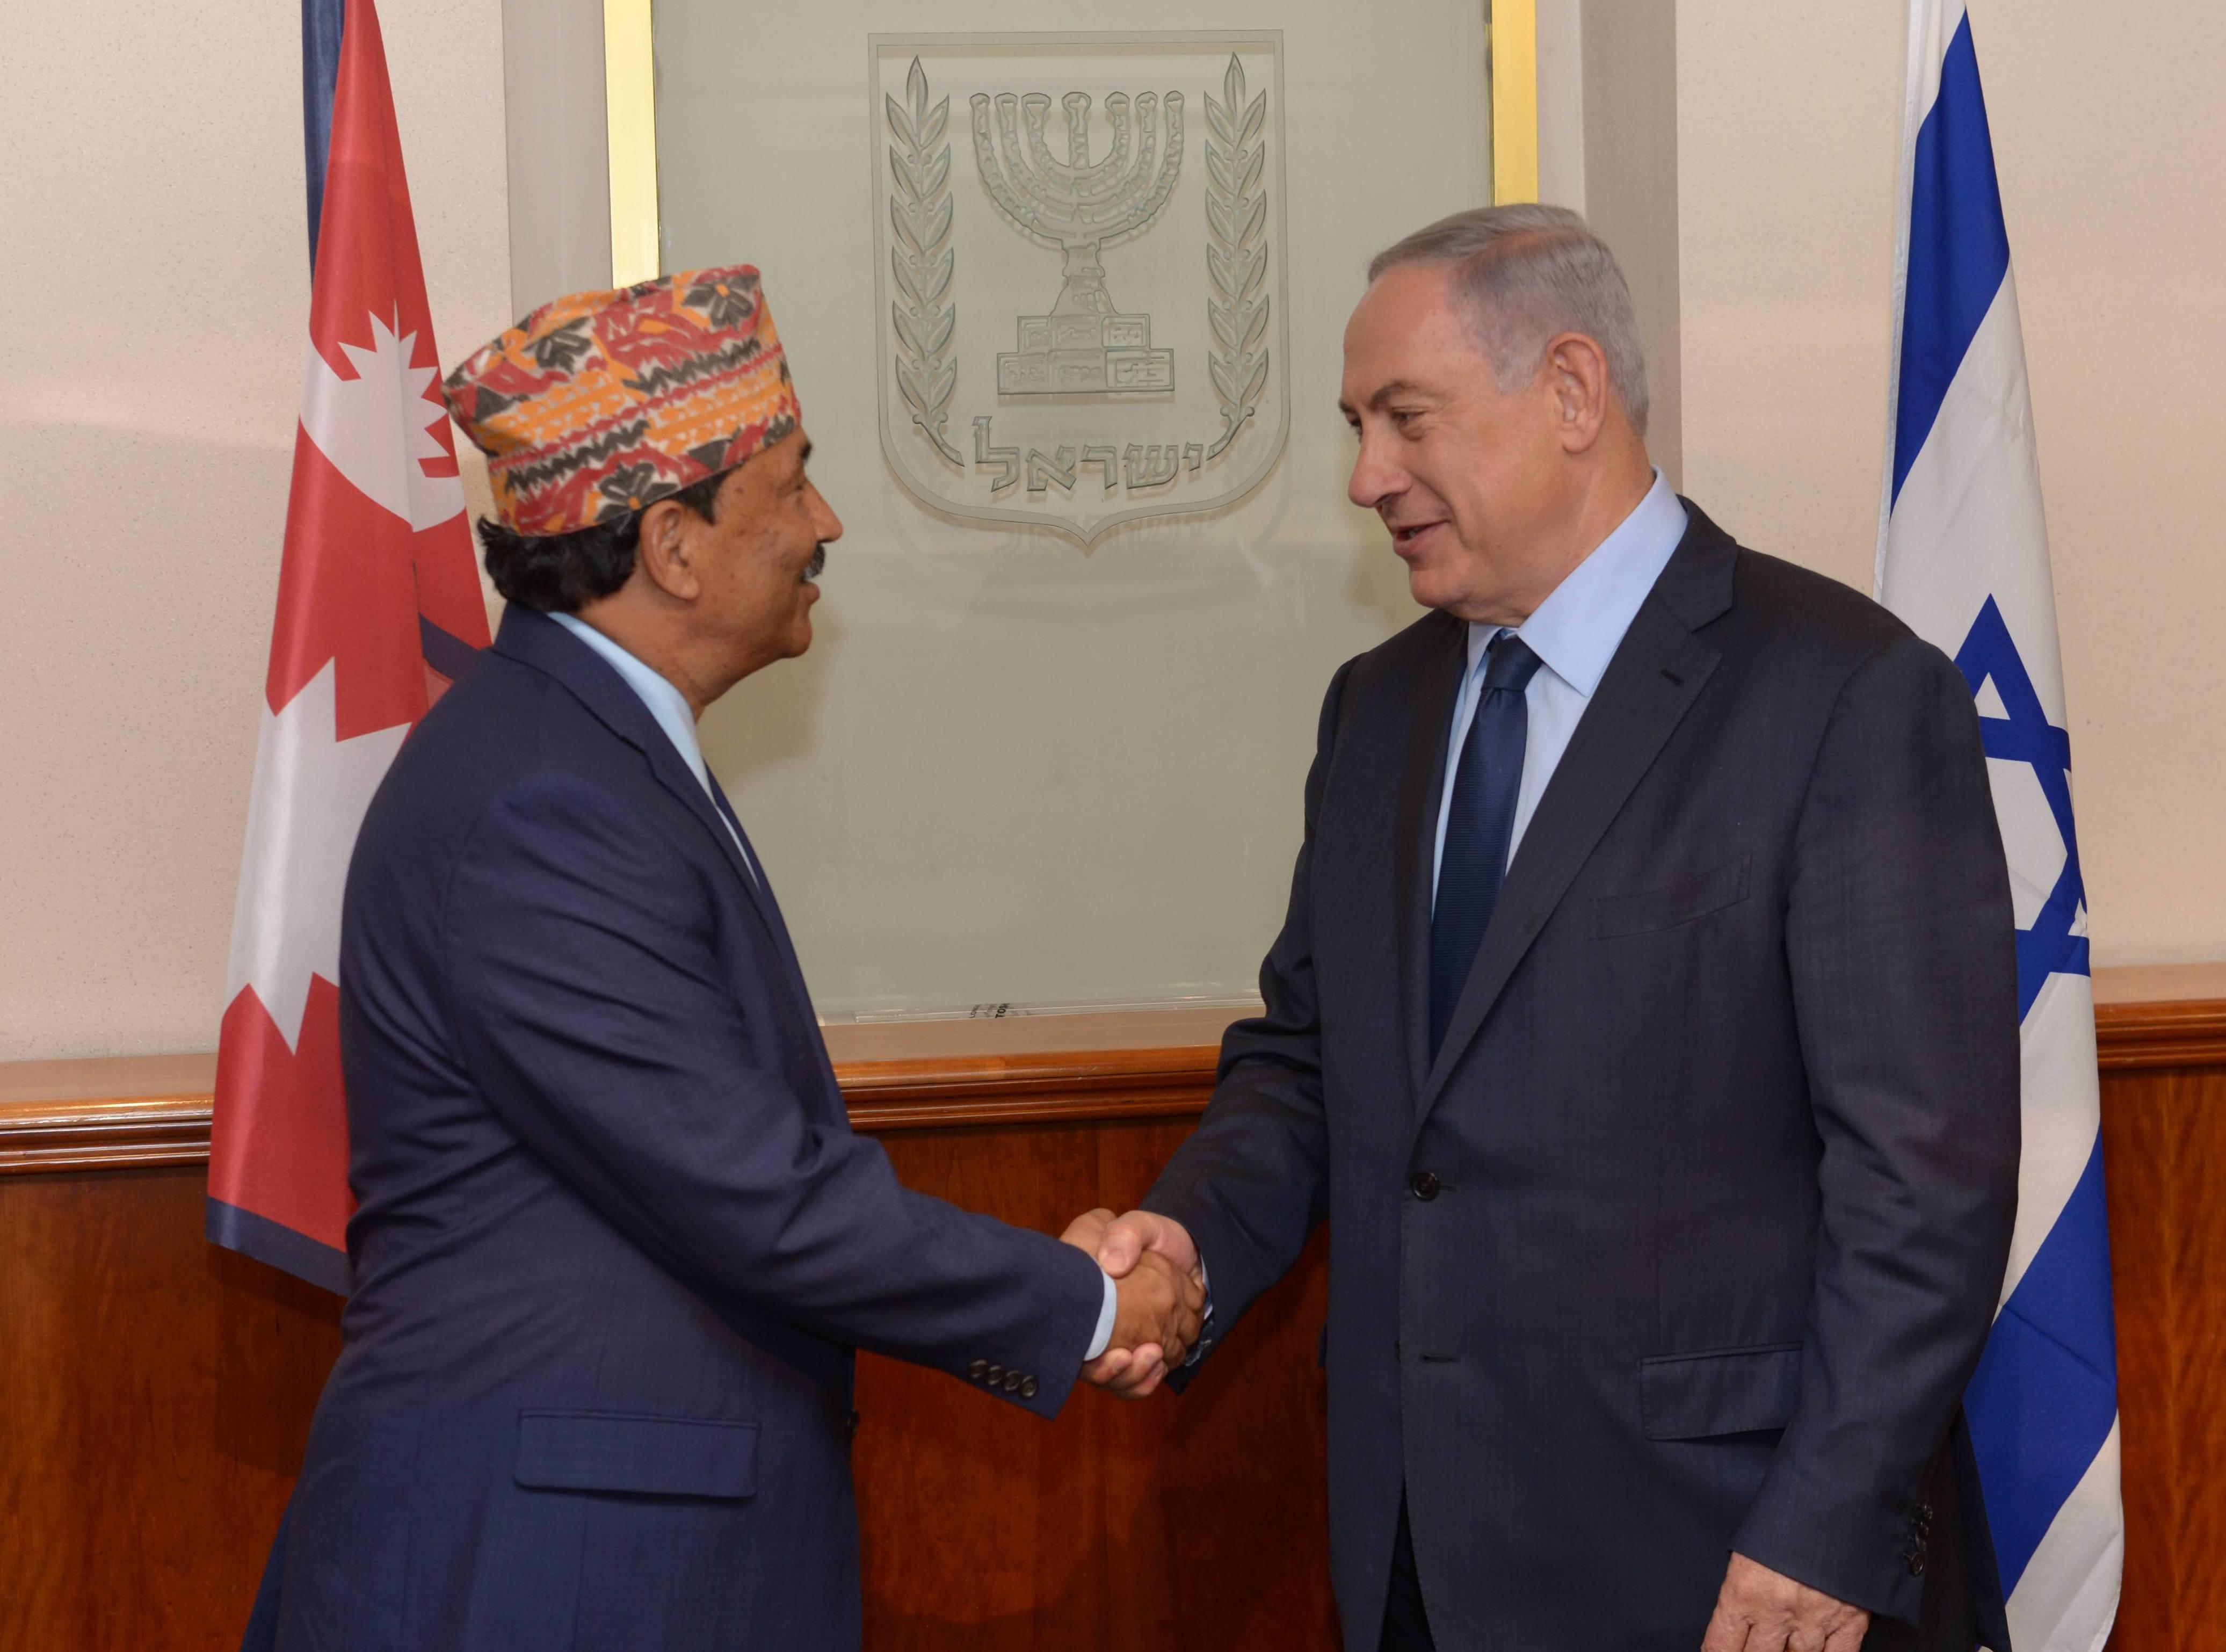 בנימין נתניהו עם שר החוץ של נפאל